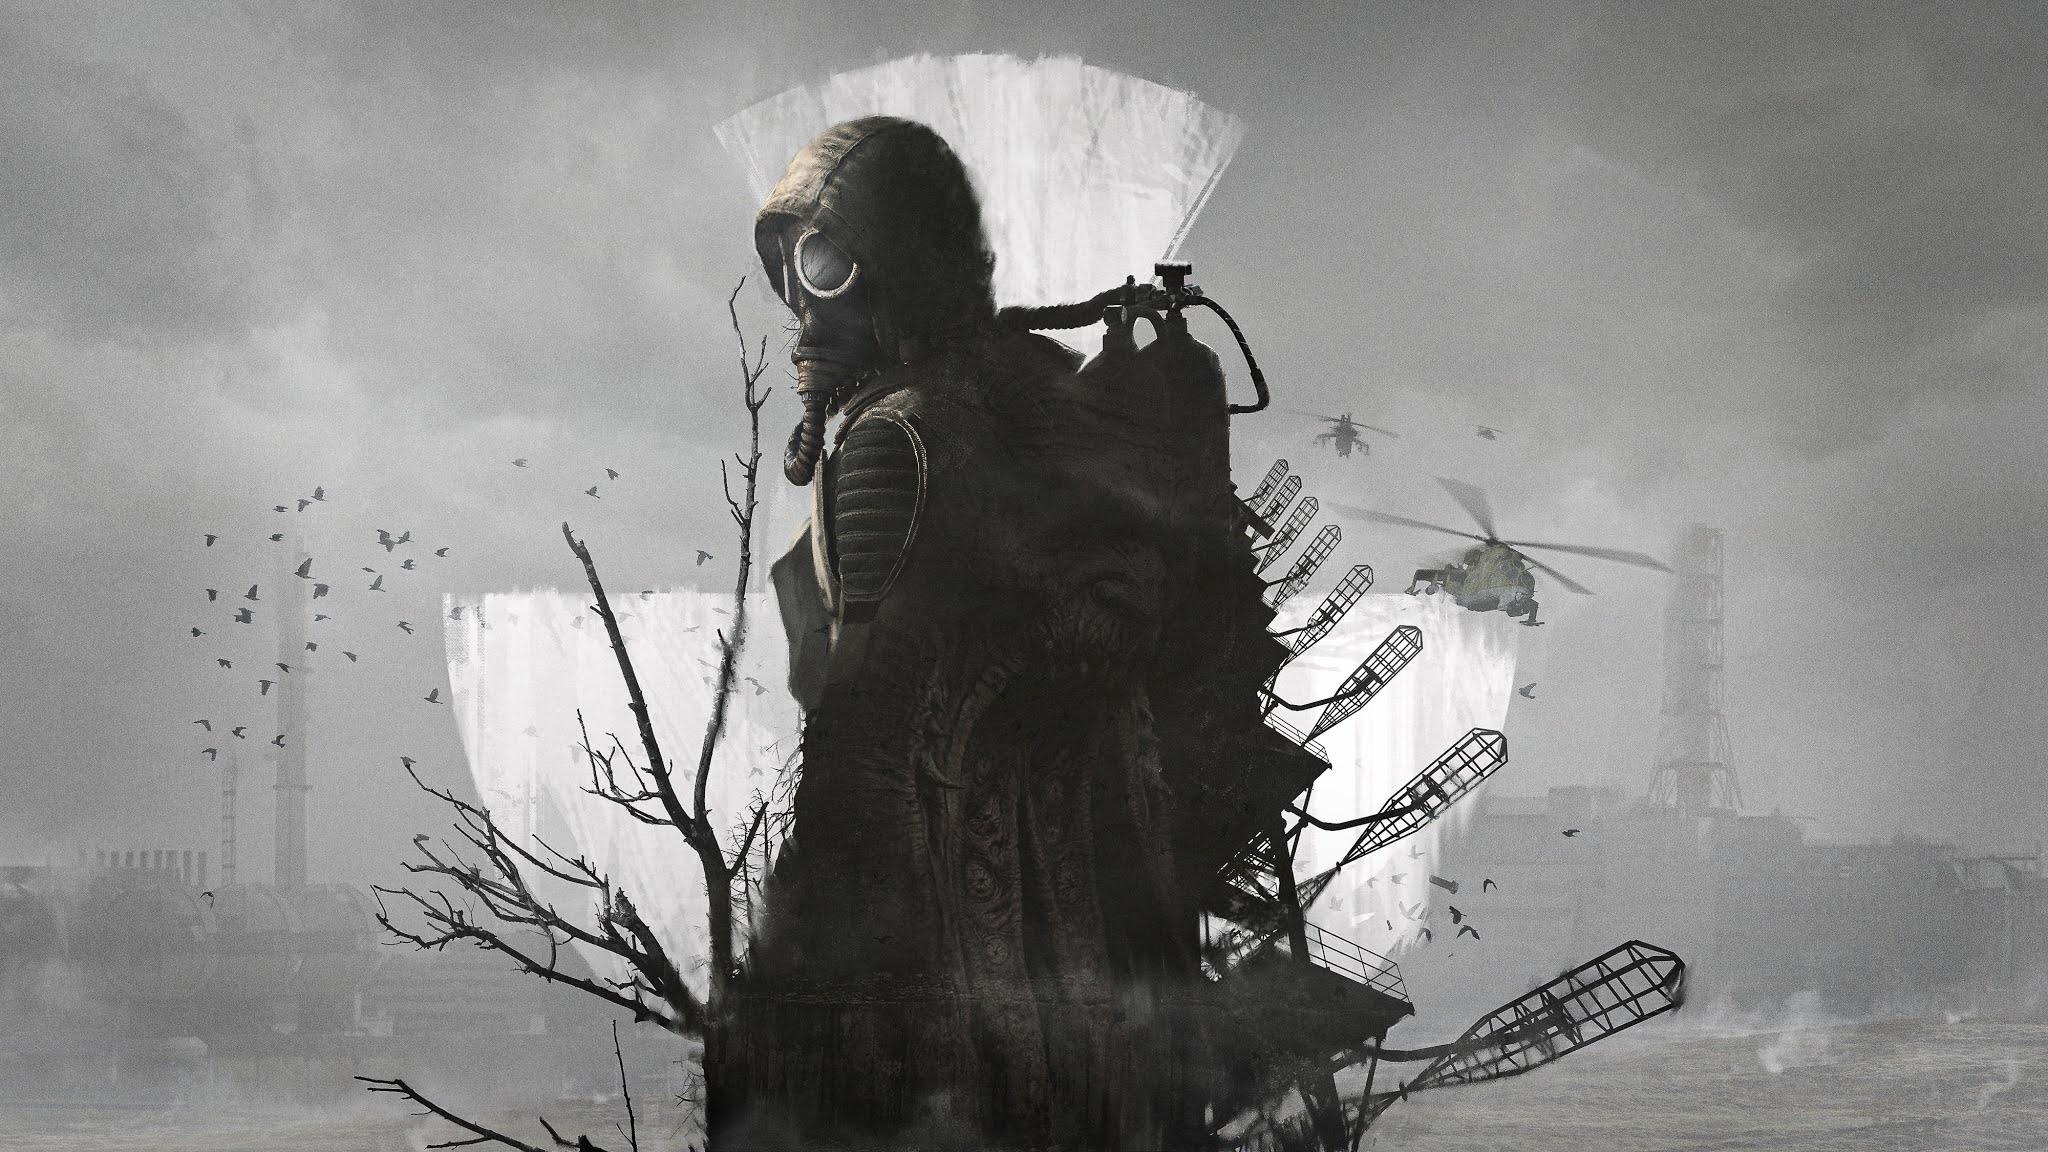 STALKER 2 official teaser gameplay